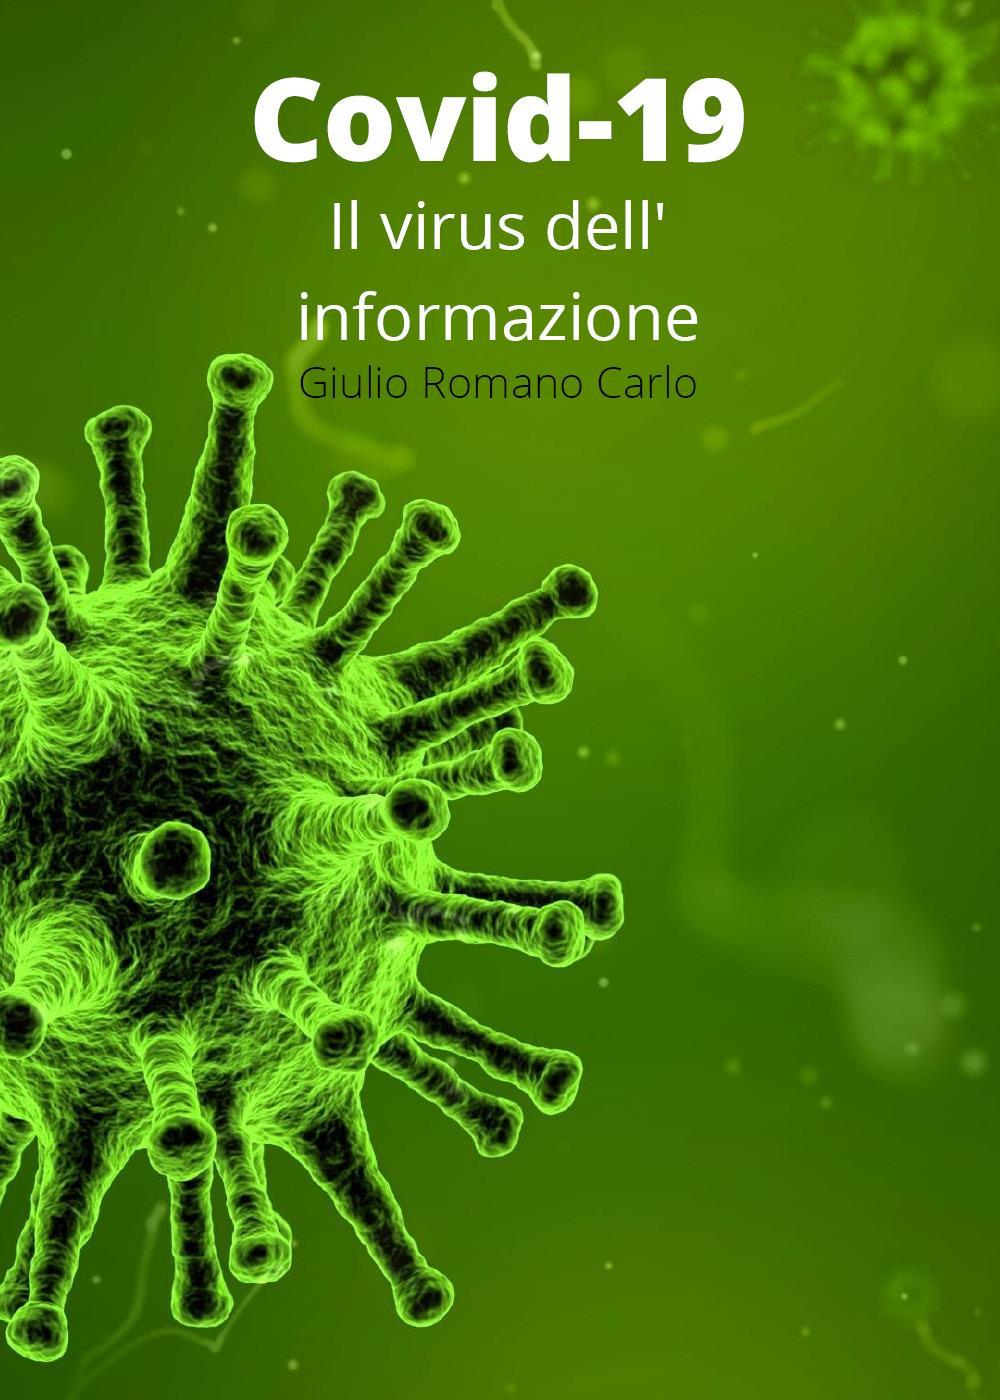 Covid-19: Il virus dell'informazione